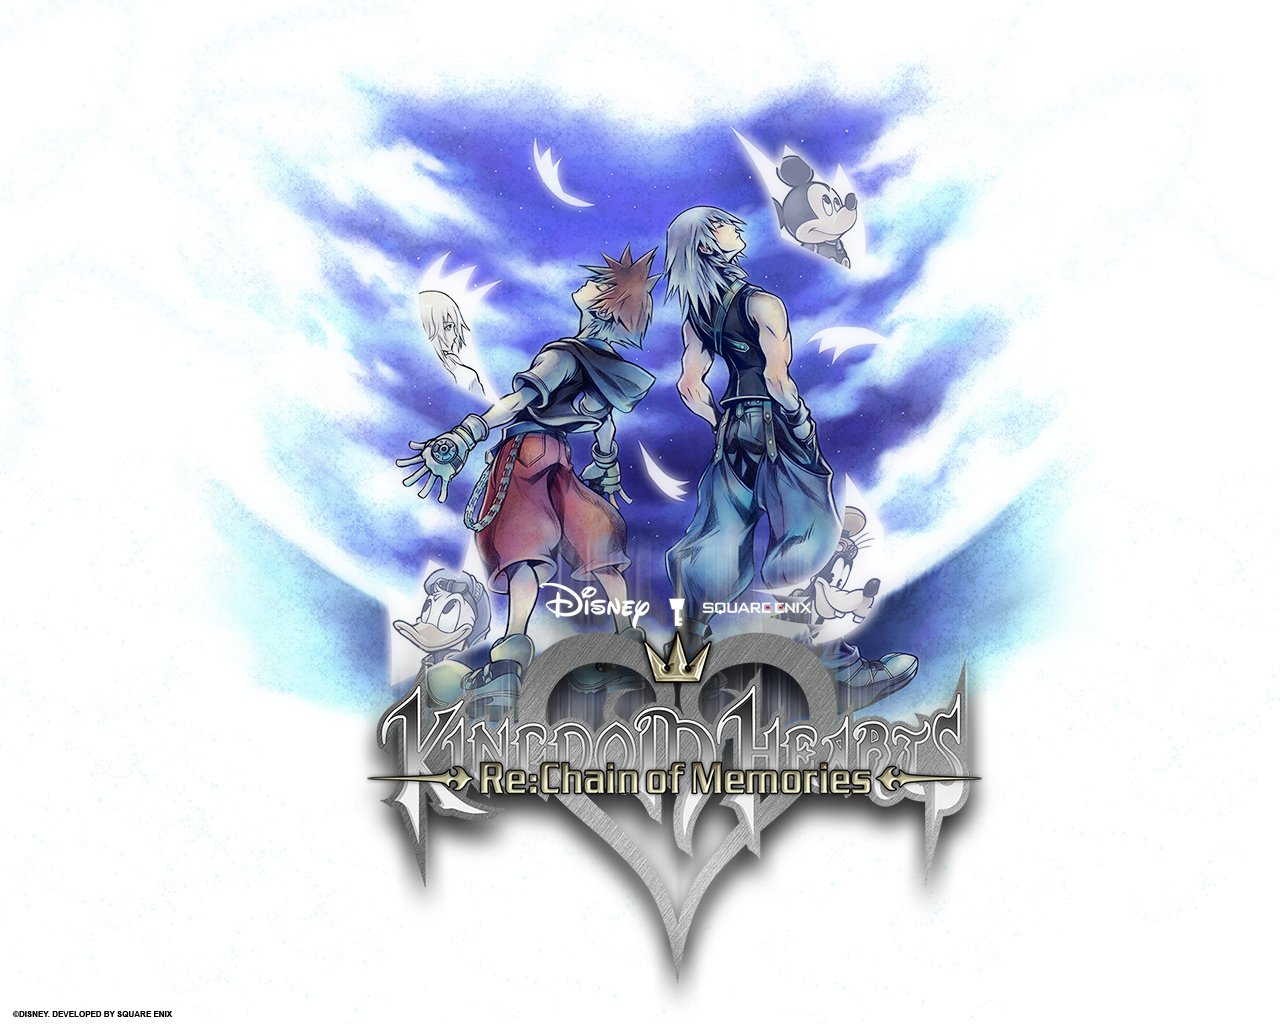 Official Kingdom Hearts Wallpaper   Kingdom Hearts Wallpaper 2754134 1280x1024